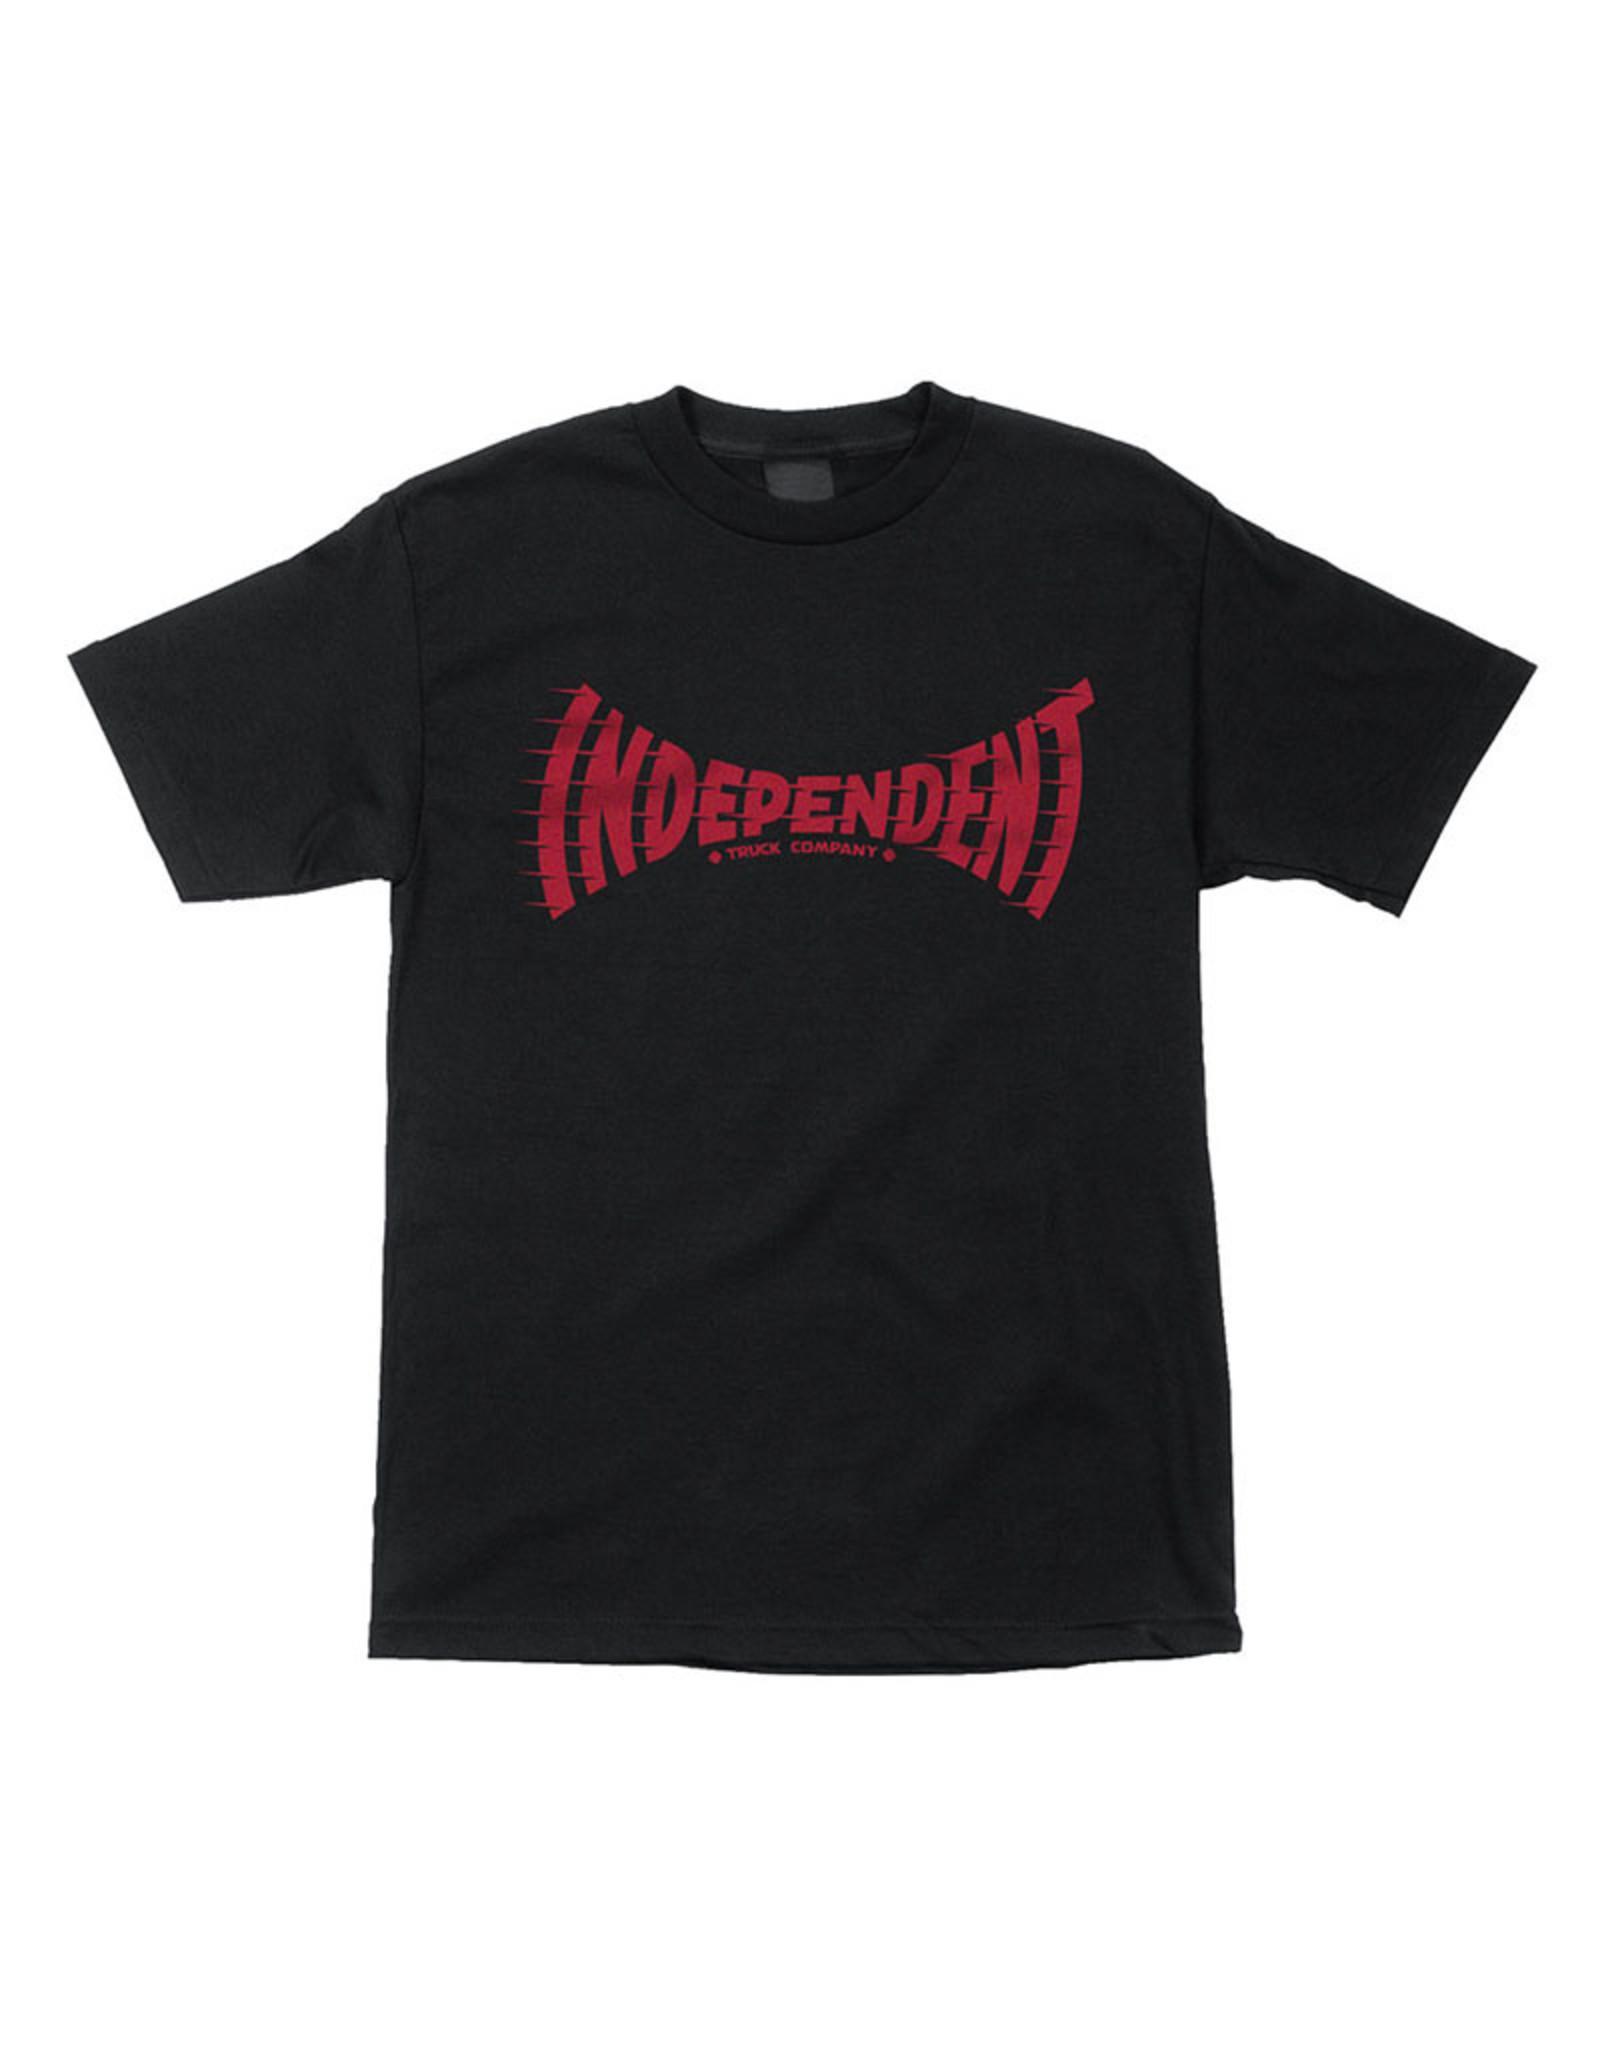 INDEPENDENT INDEPENDENT - BREAKNECK S/S - BLACK -